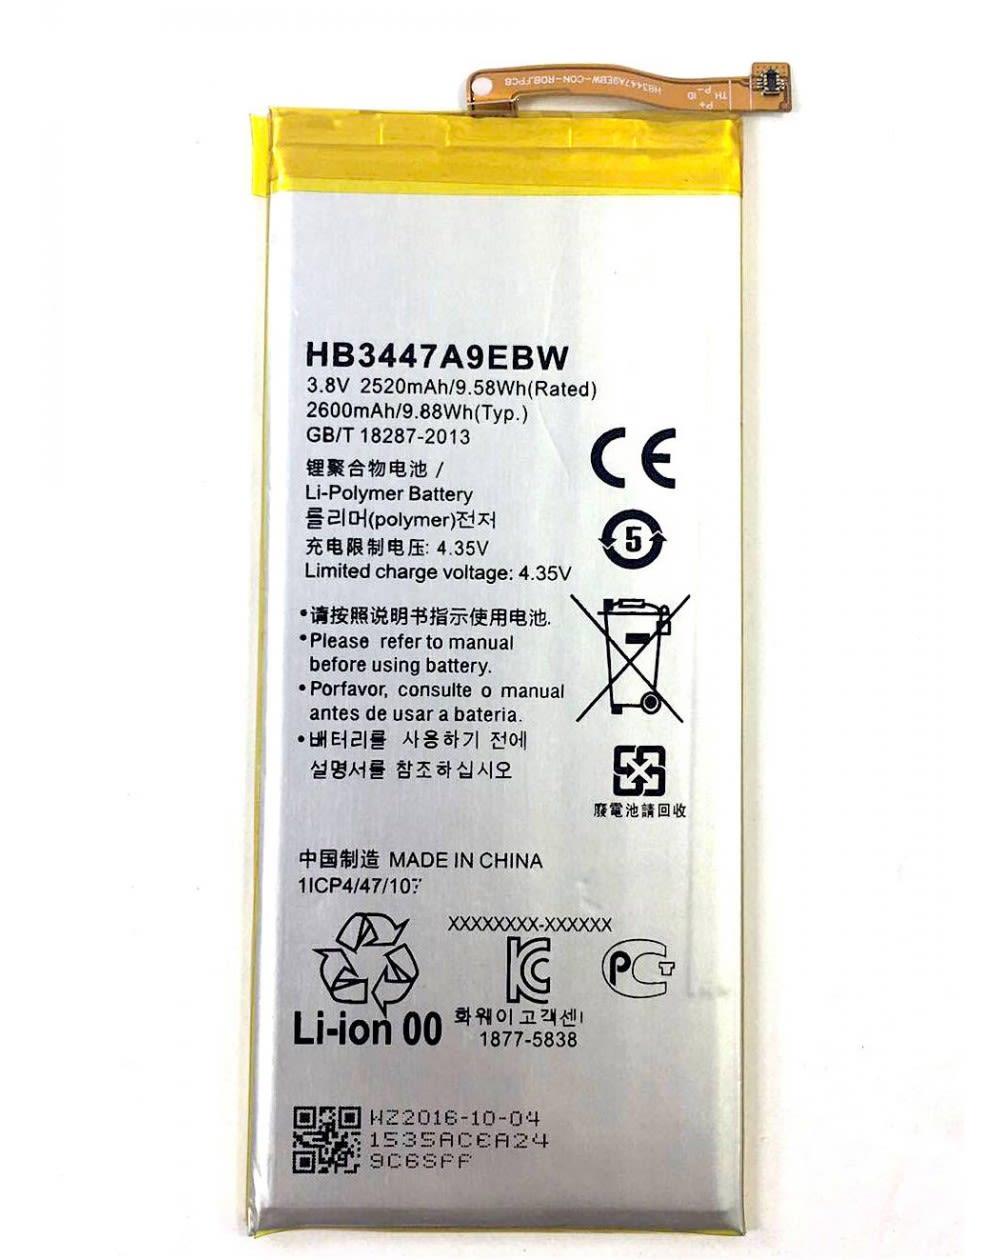 Bater?a Huawei P8